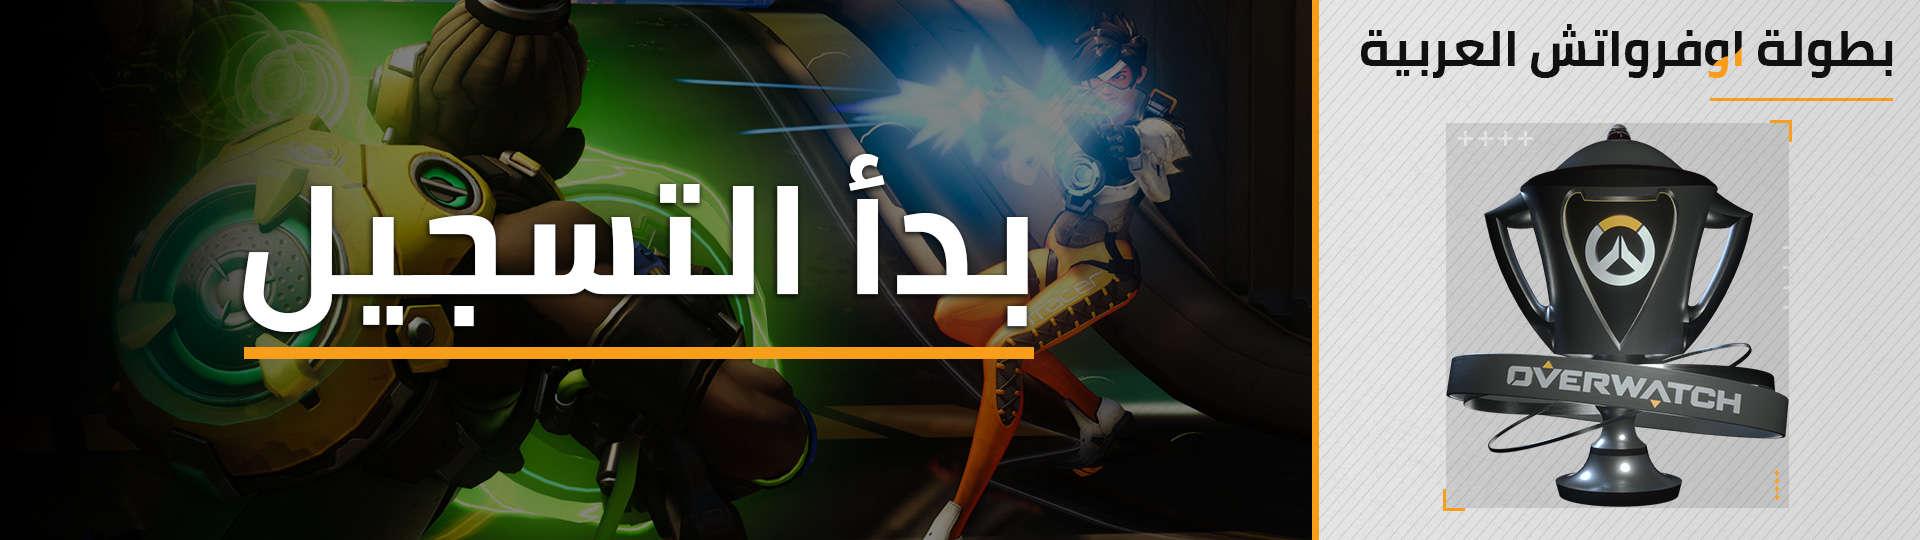 Photo of الإعلان عن بطولة اوفرواتش العربية